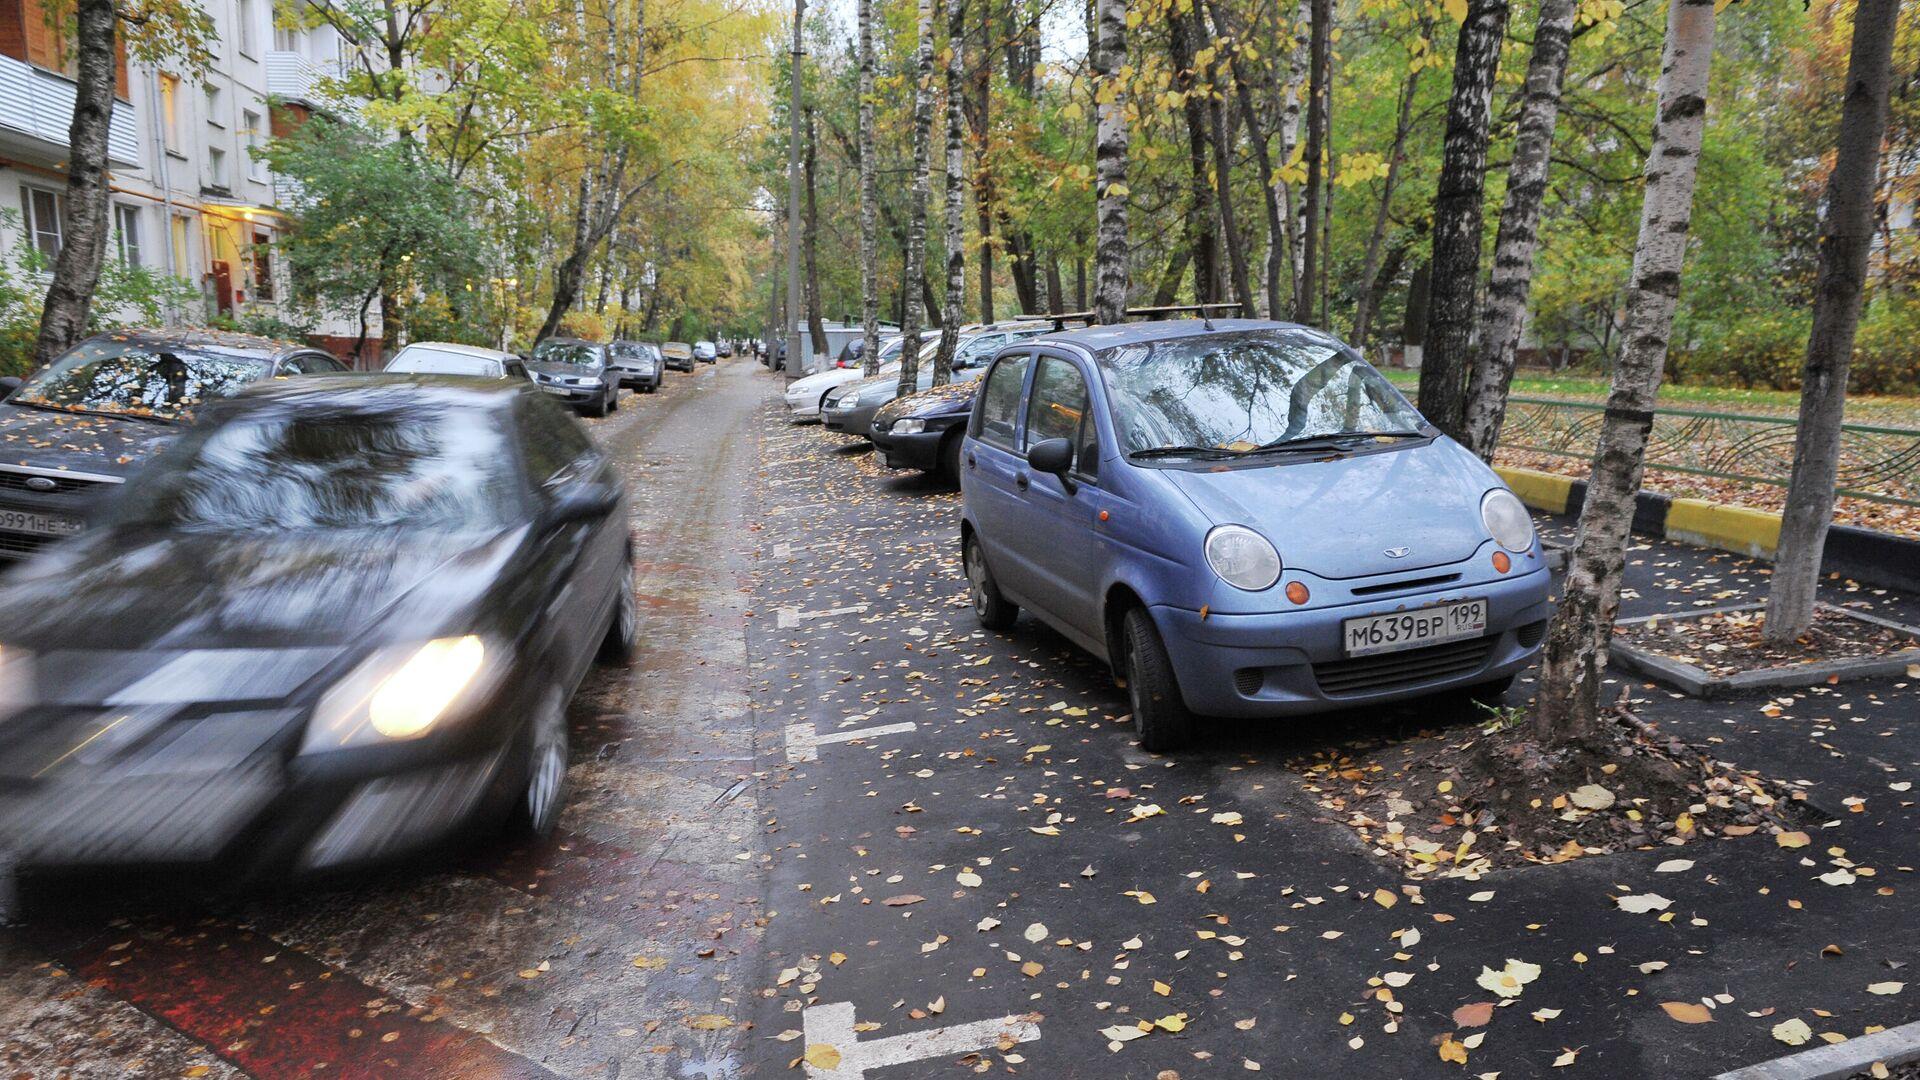 Автомобильная парковка в одном из московских дворов - РИА Новости, 1920, 06.10.2020